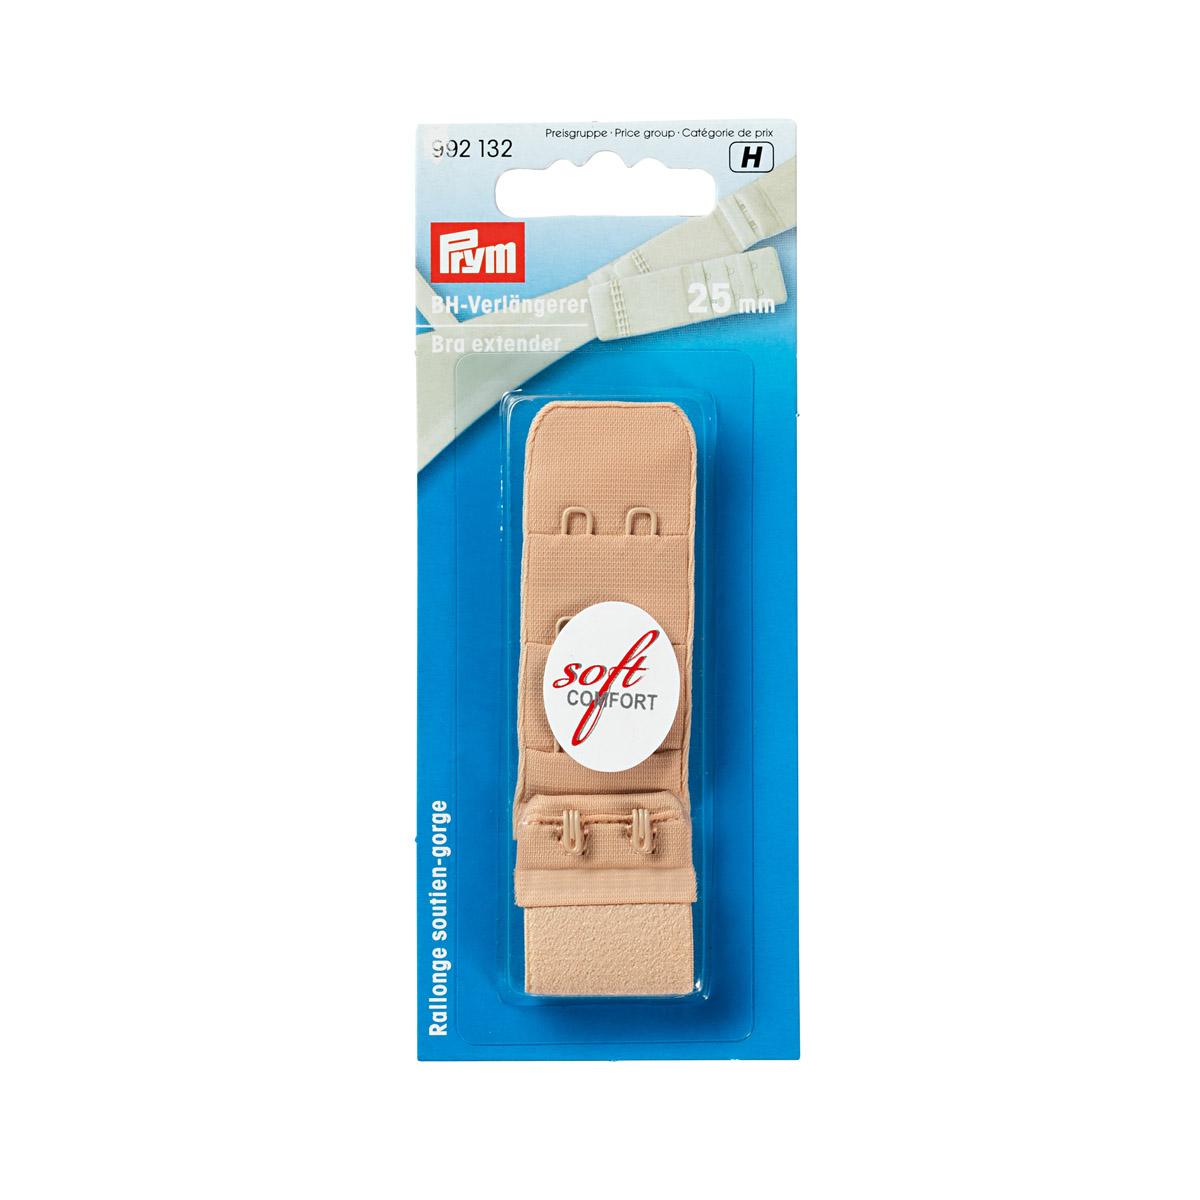 992132 Удлинитель застежки бюстгальтера, бежевый, 25 мм, 3*2 крючка, Prym